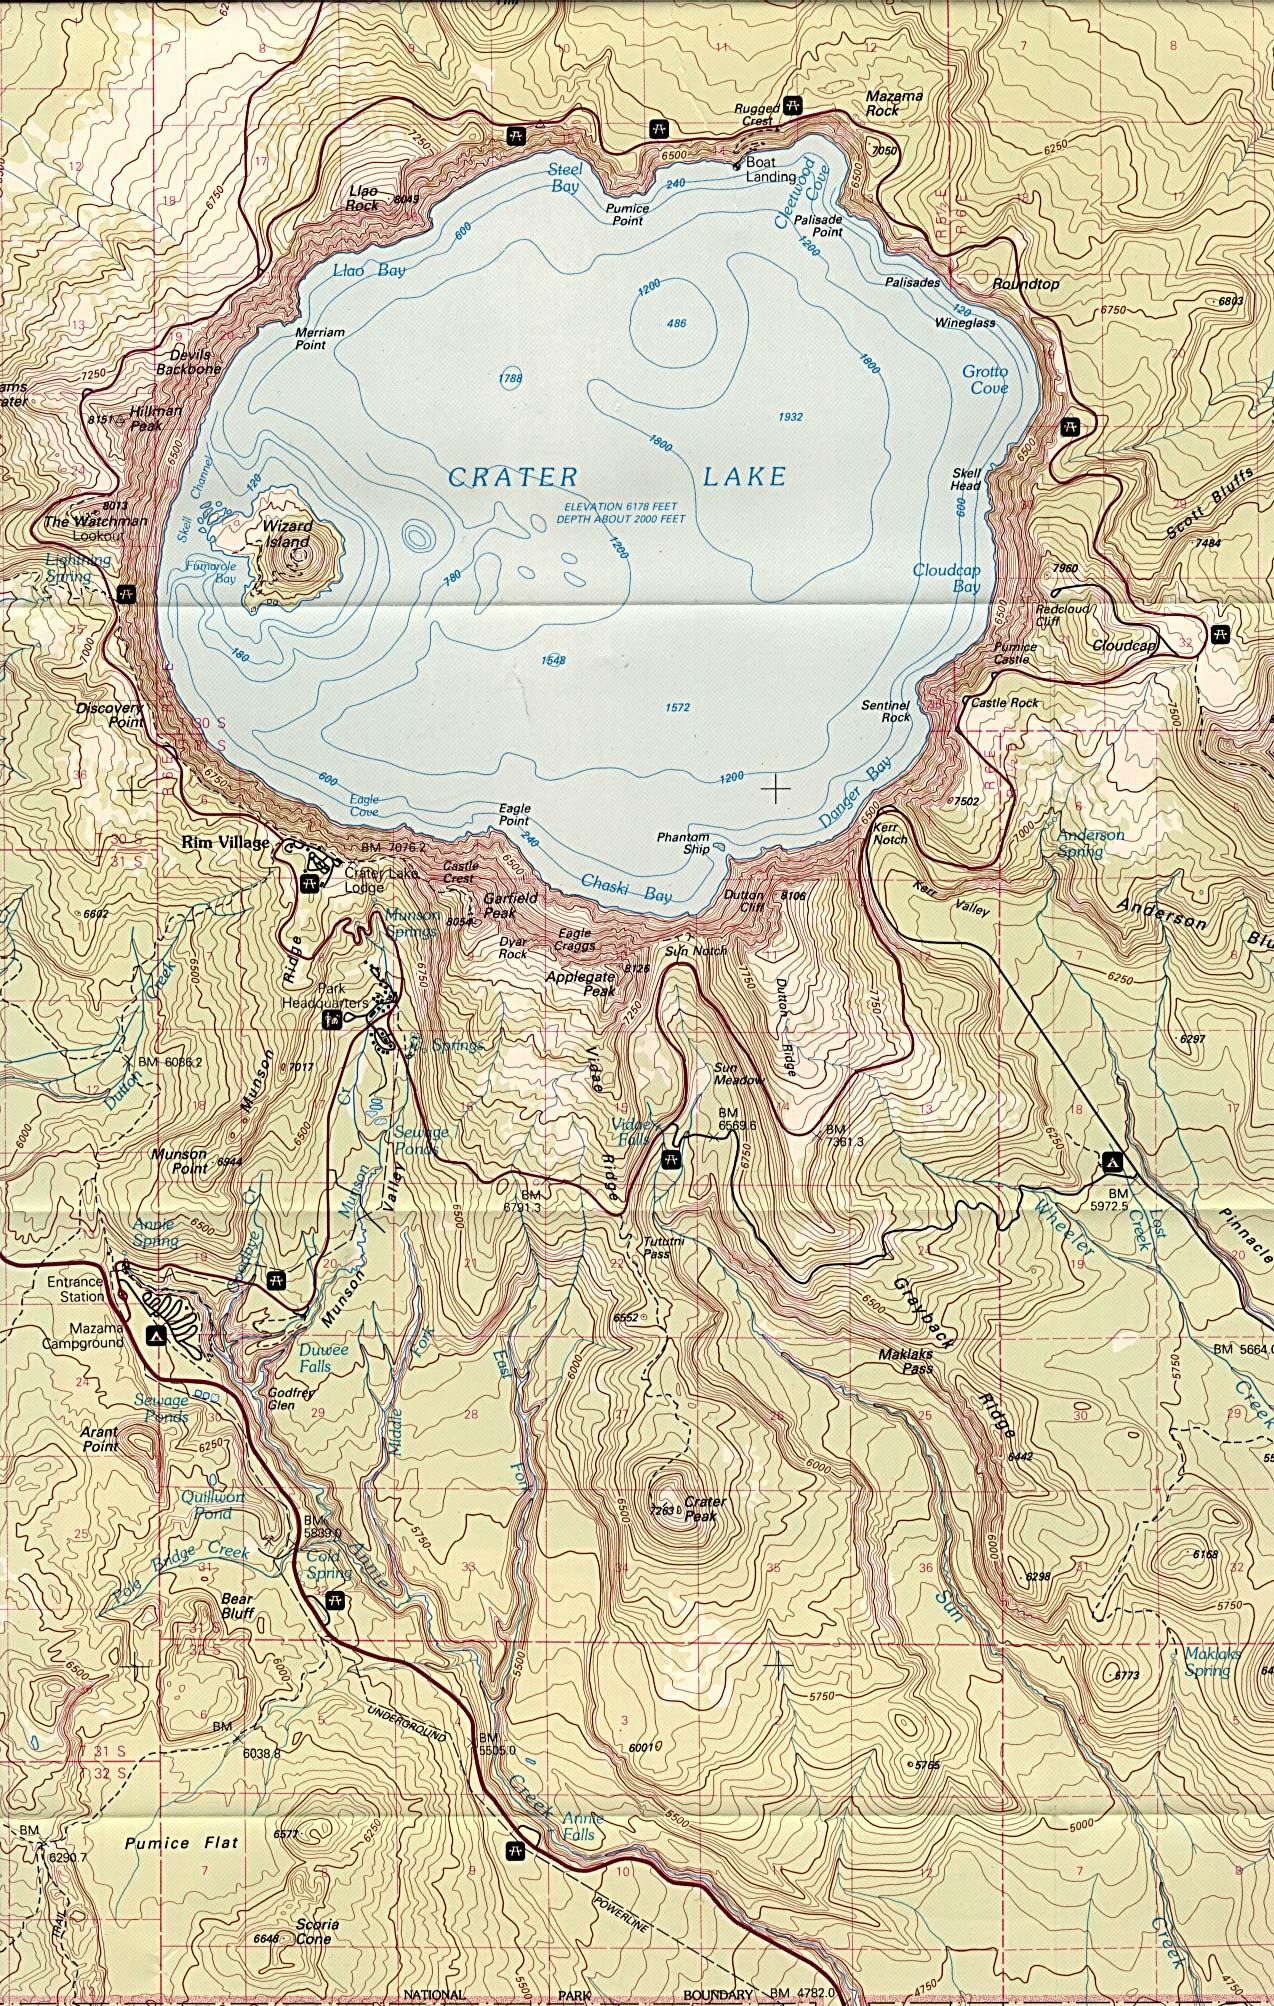 Mapa del Parque Nacional Crater Lake, Oregón, Estados Unidos